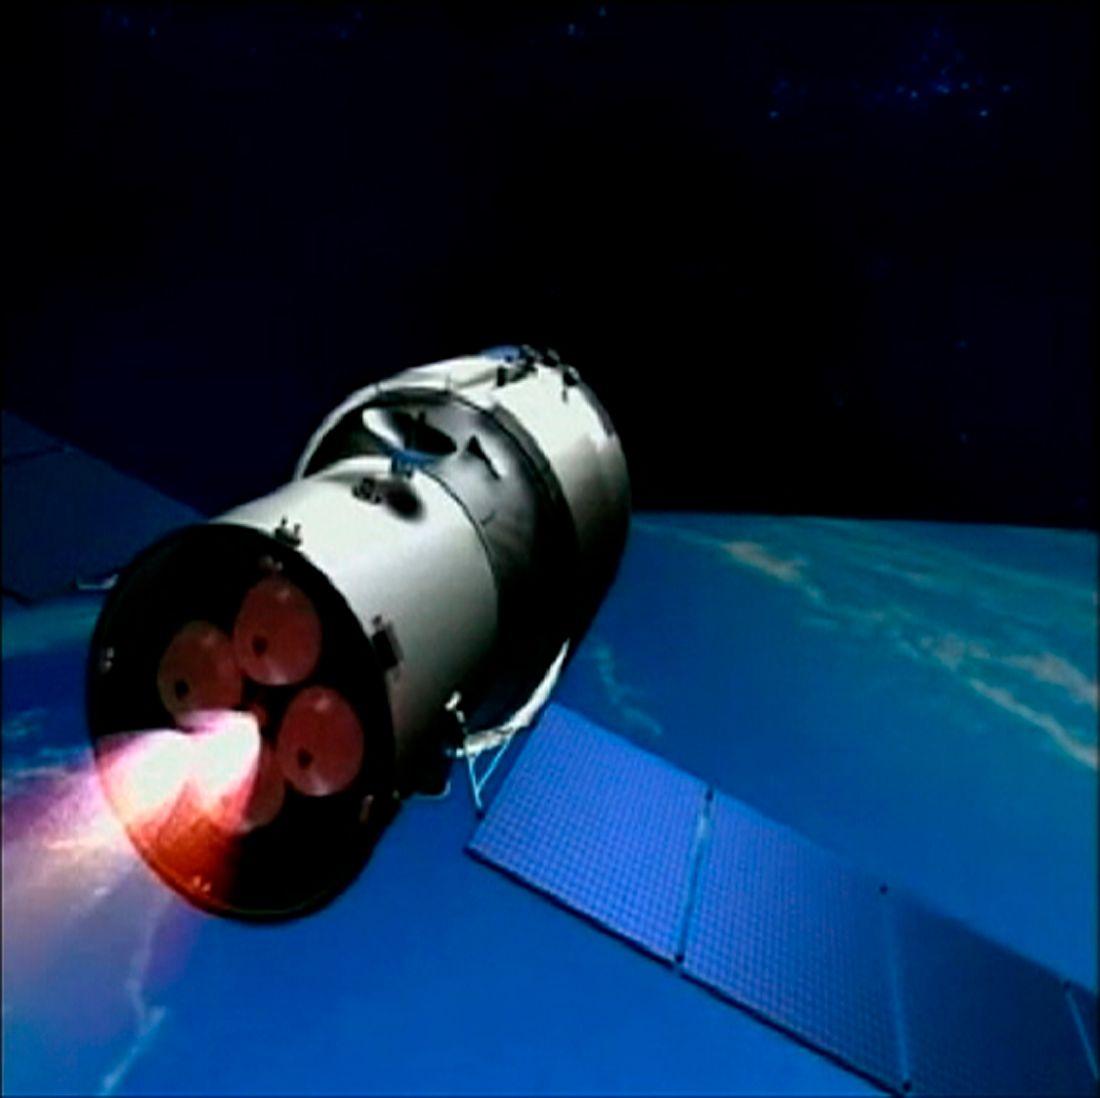 L'Inde a mis ce samedi en orbite un satellite de télécommunications de 3 400 kilos, lancé par Ariane 5. C'est le plus gros satellite lancé par le pays.